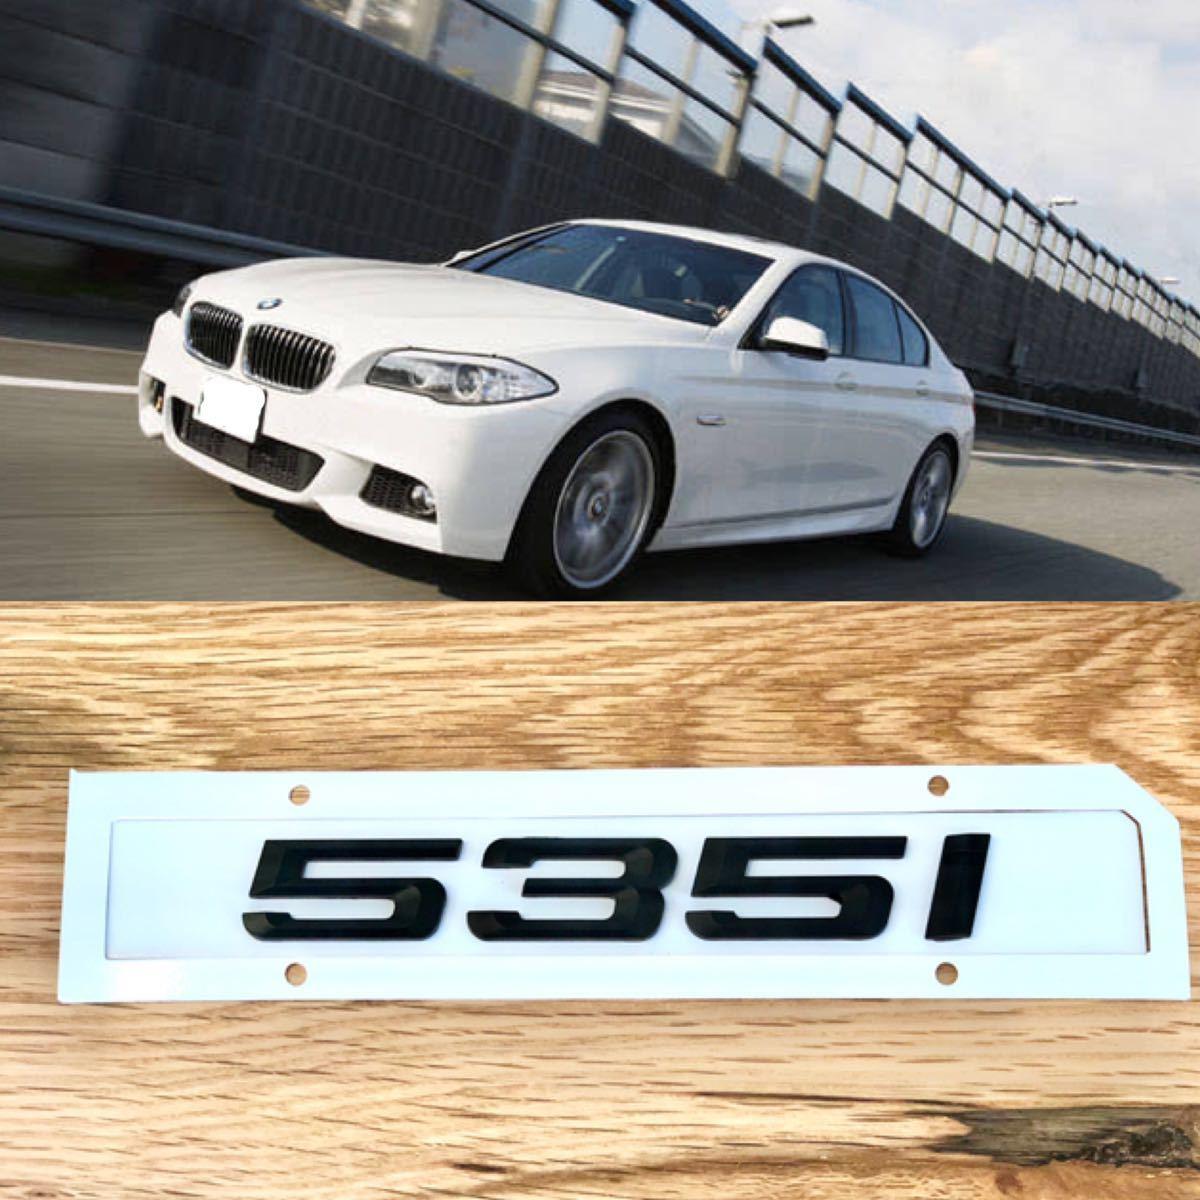 即納!! 送料0!! BMW 【535i】 エンブレム ブラック リア 純正サイズ同等 立体 3D ツーリングワゴン/セダン Mスポーツ ドレスアップ 社外品_画像2